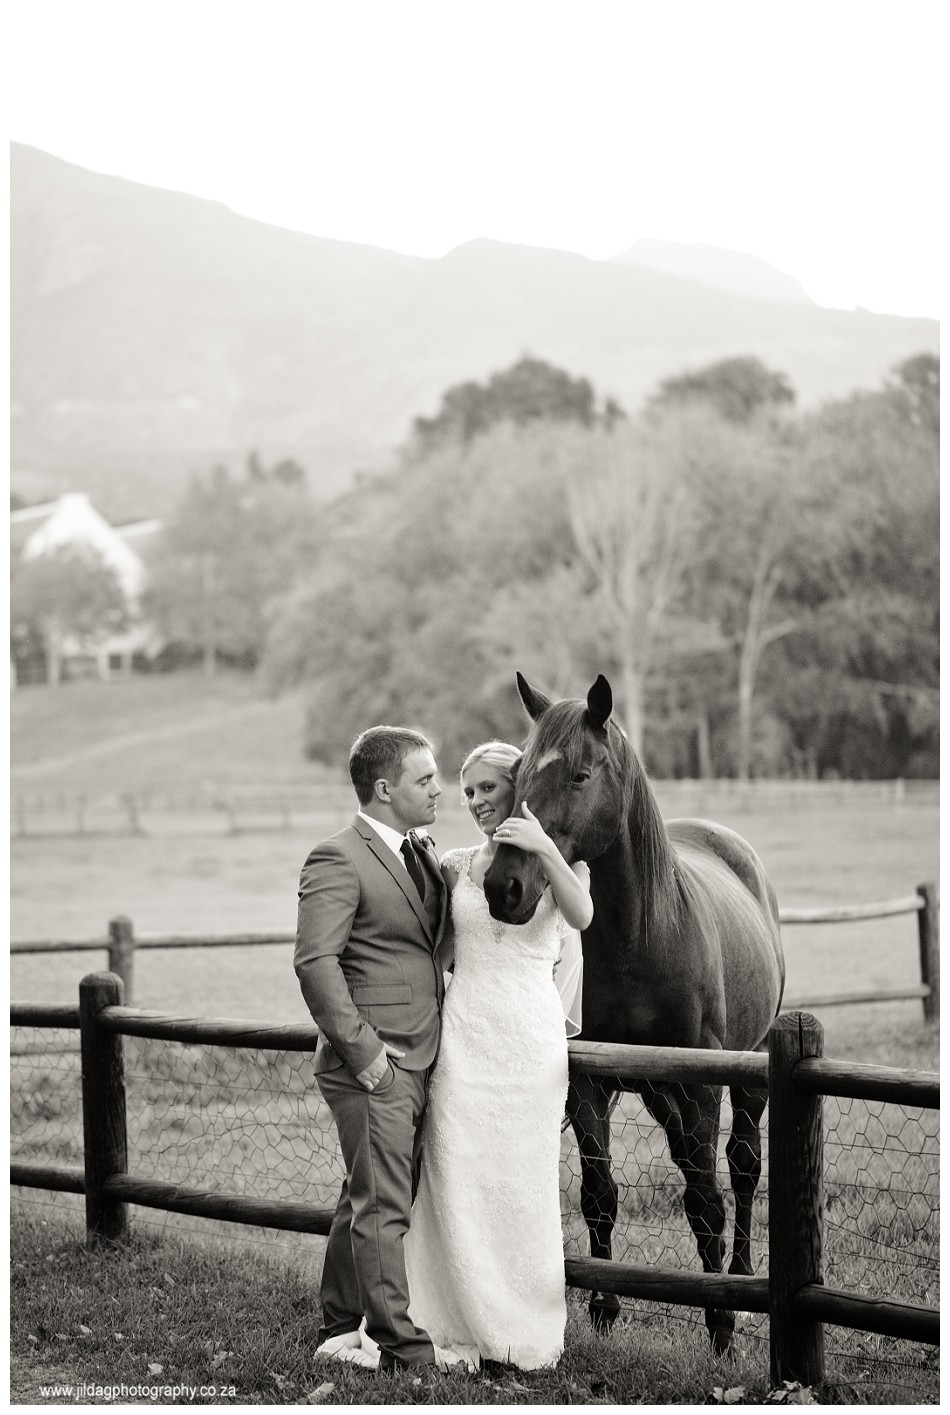 Buitenverwachting - Constantia wedding - Jilda G Photography (91)